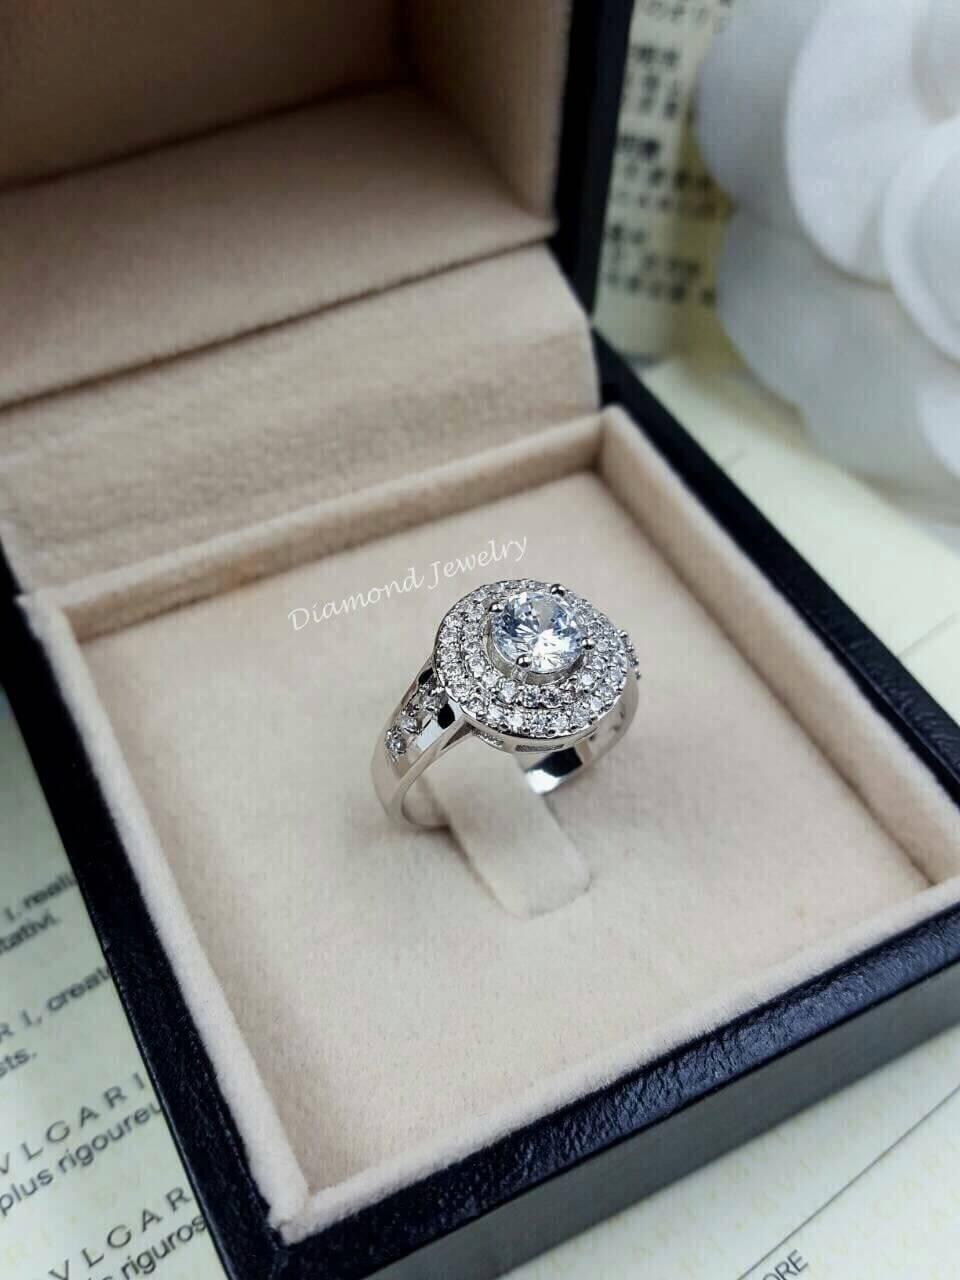 พร้อมส่ง Diamond Ring แหวนเพชร CZ งานล้อมเพชร 2 ชั้น